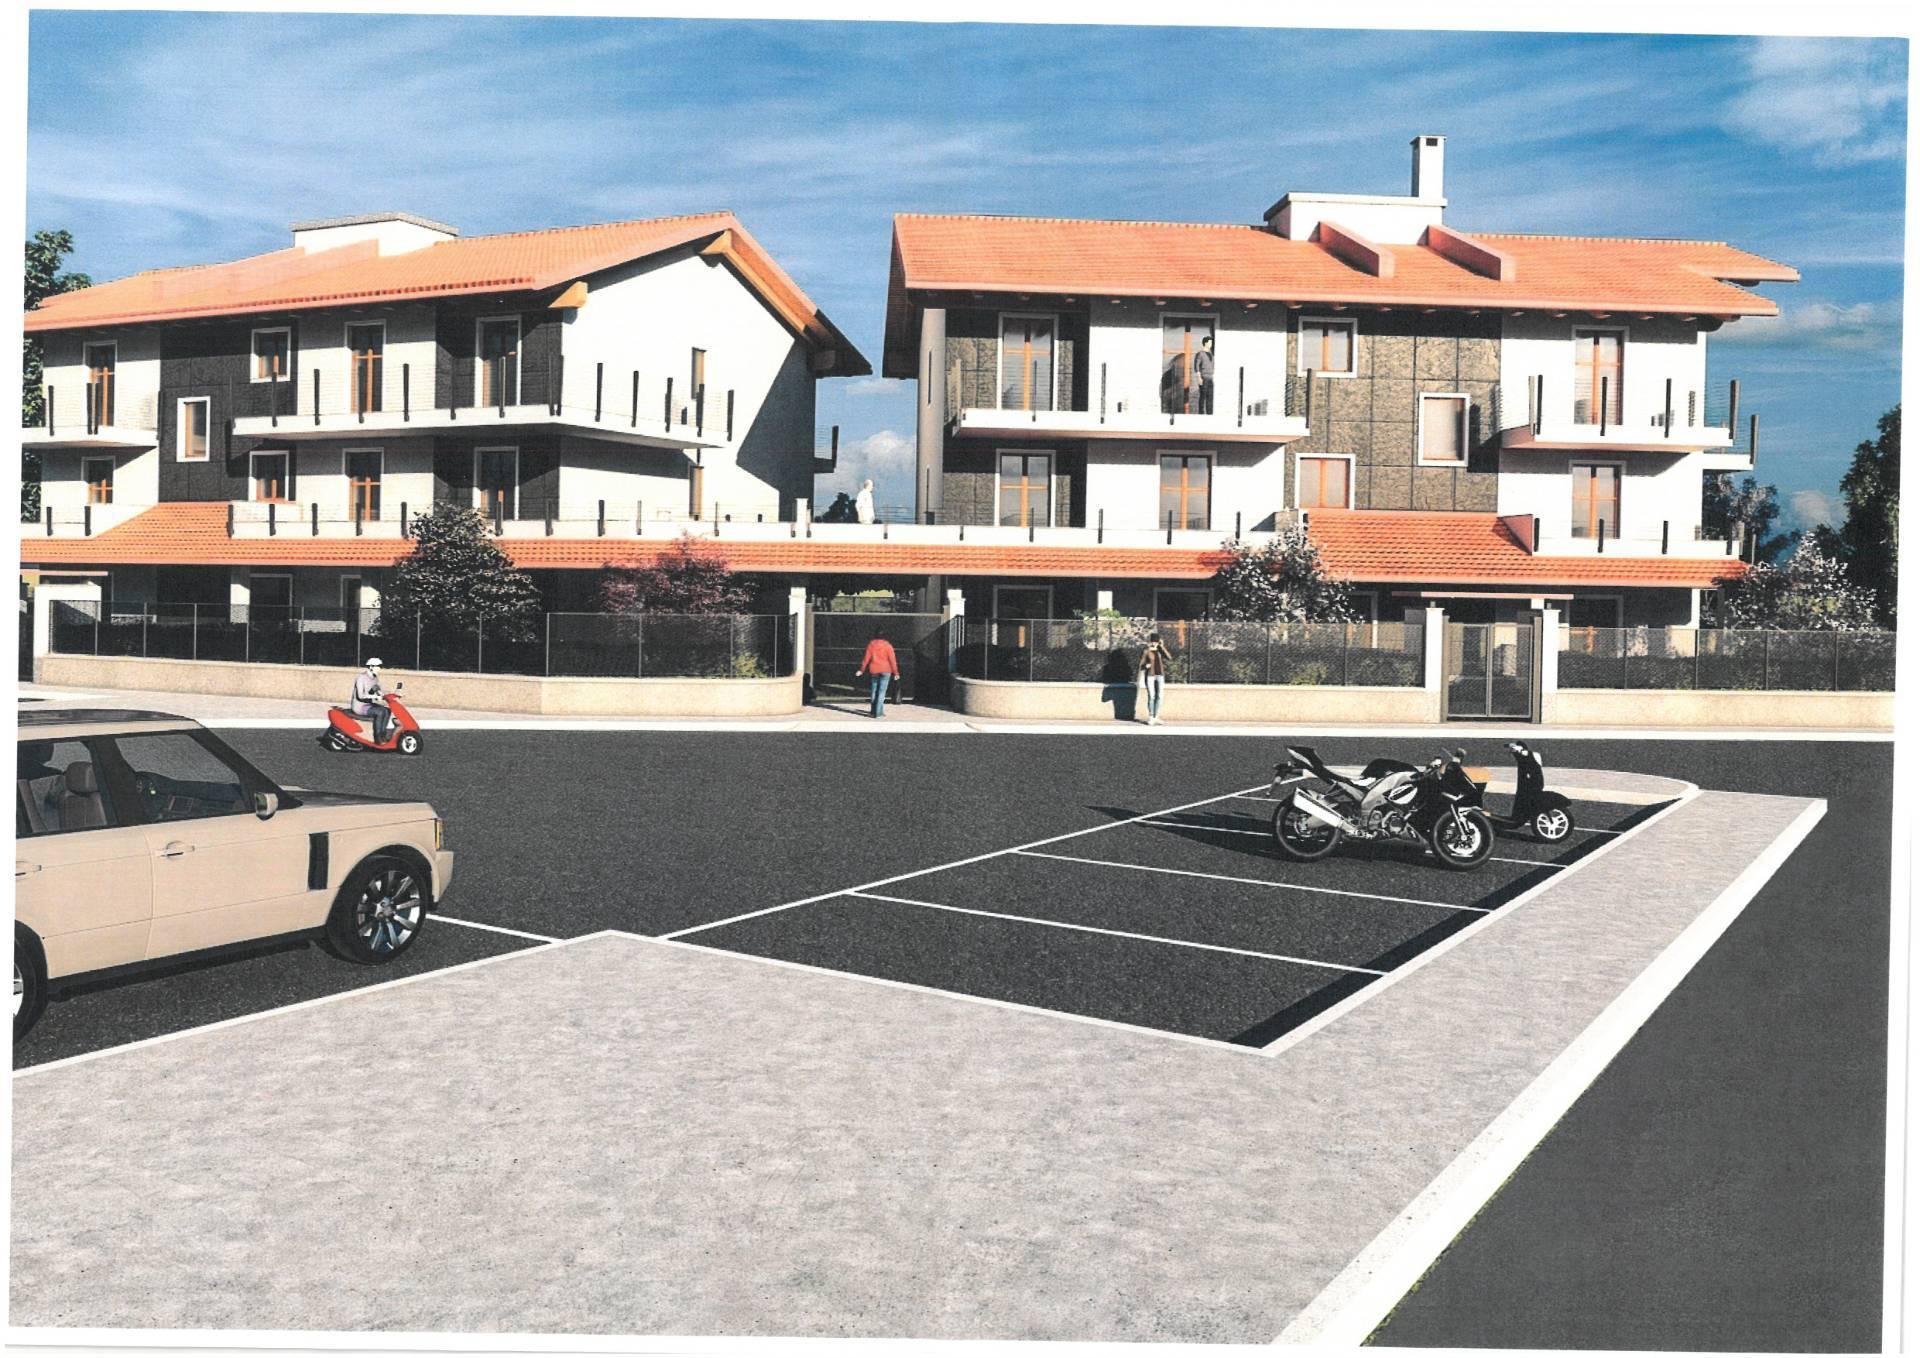 Appartamento in vendita a Grugliasco, 3 locali, zona Località: ParcoPorporati, prezzo € 225.000 | CambioCasa.it